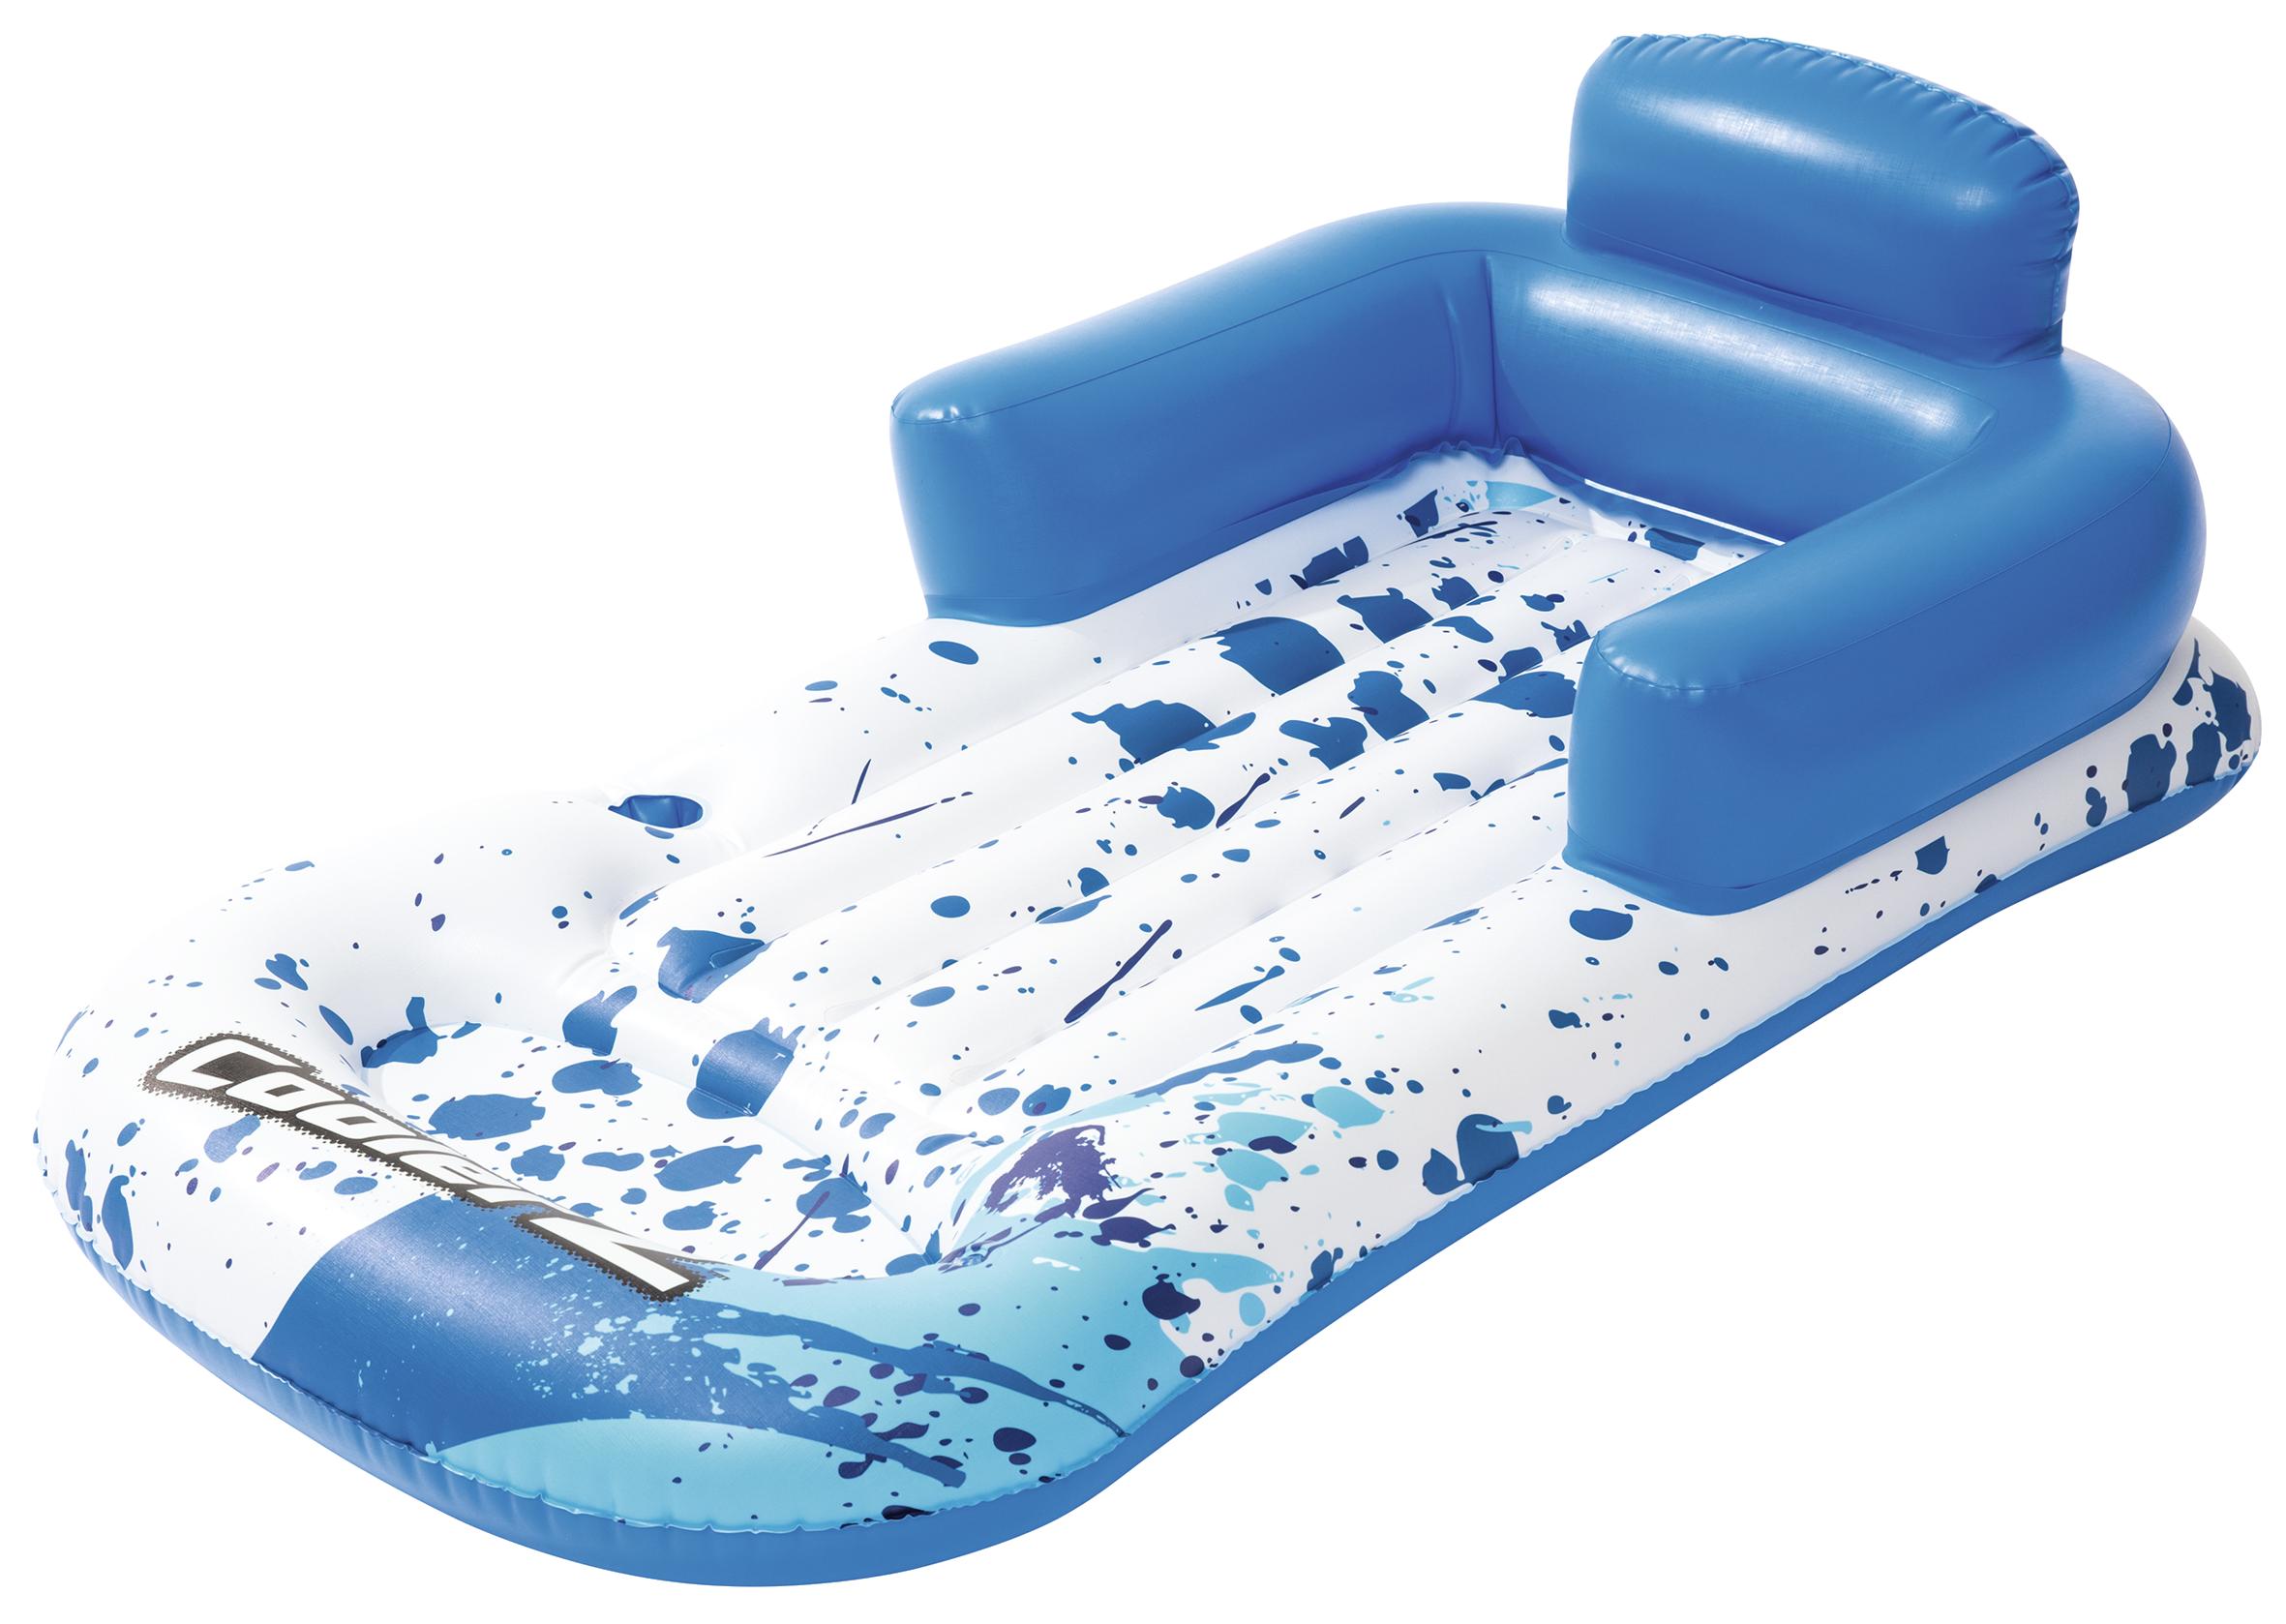 luftmatratze zum sitzen ett der elektronik und. Black Bedroom Furniture Sets. Home Design Ideas